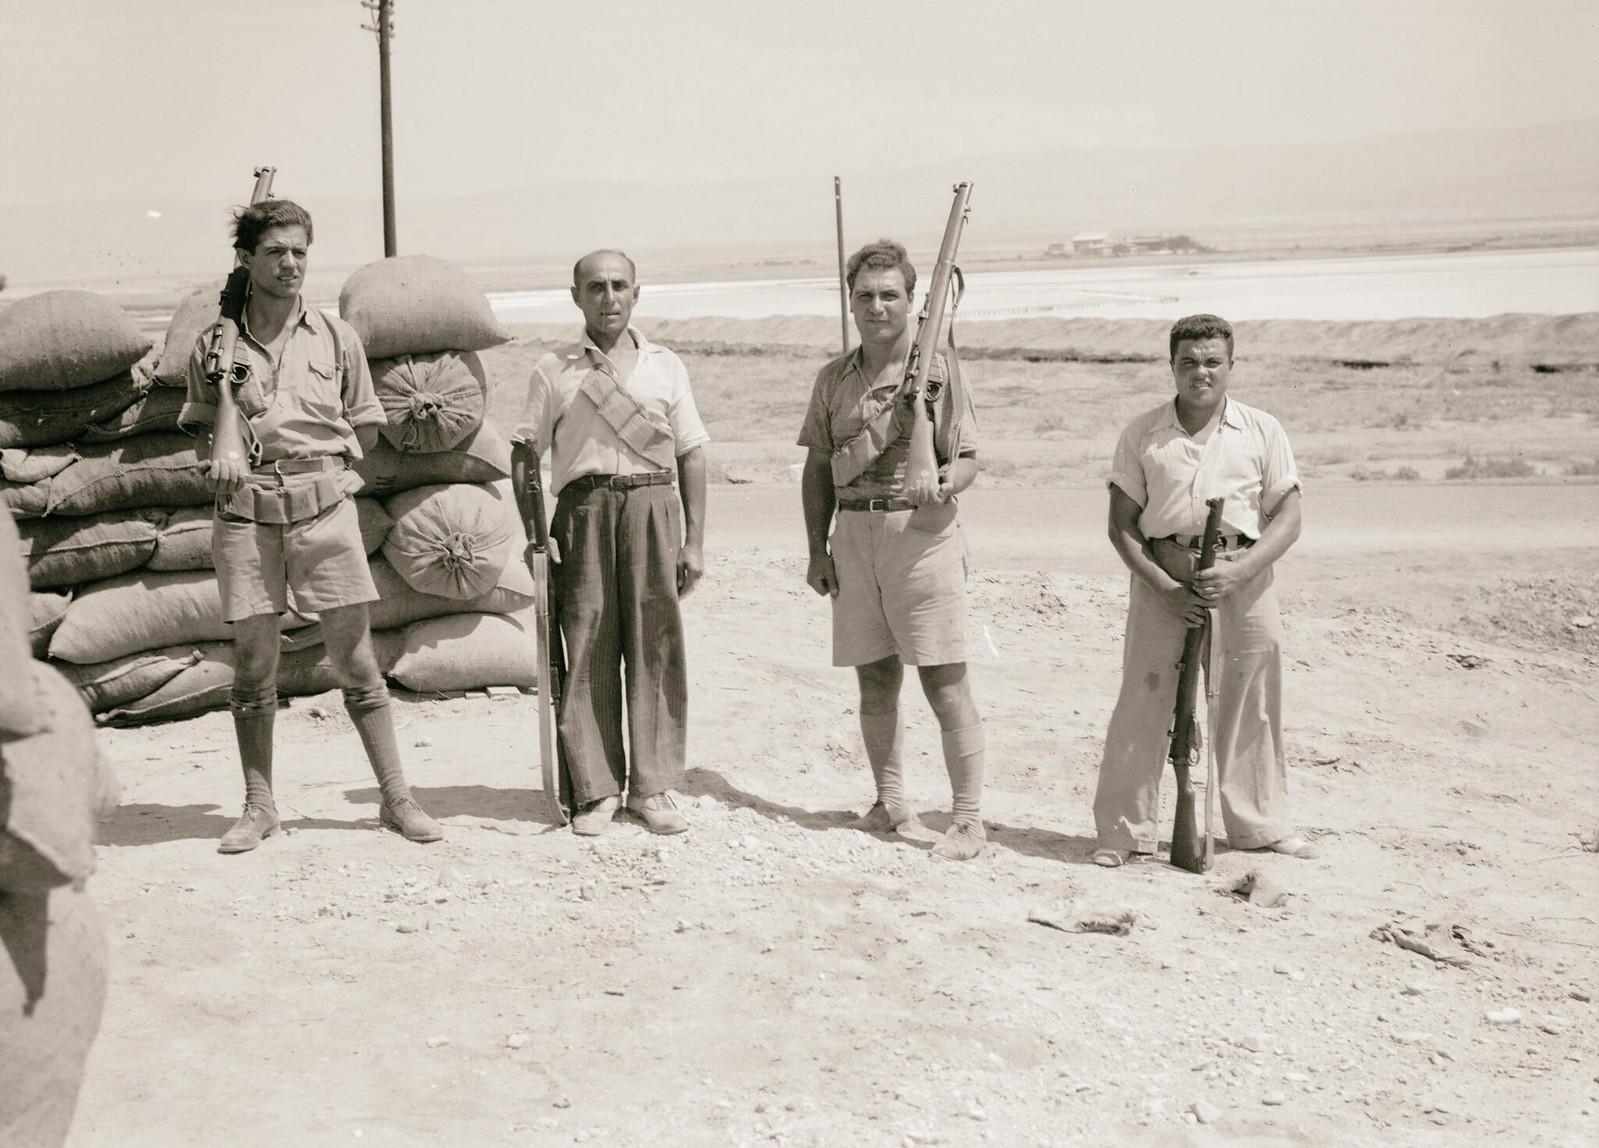 21. 1938. Вооруженные еврейские рабочие компании «Palestine Potash Ltd» охраняют подходы к калийному заводу на северной оконечности Мертвого моря